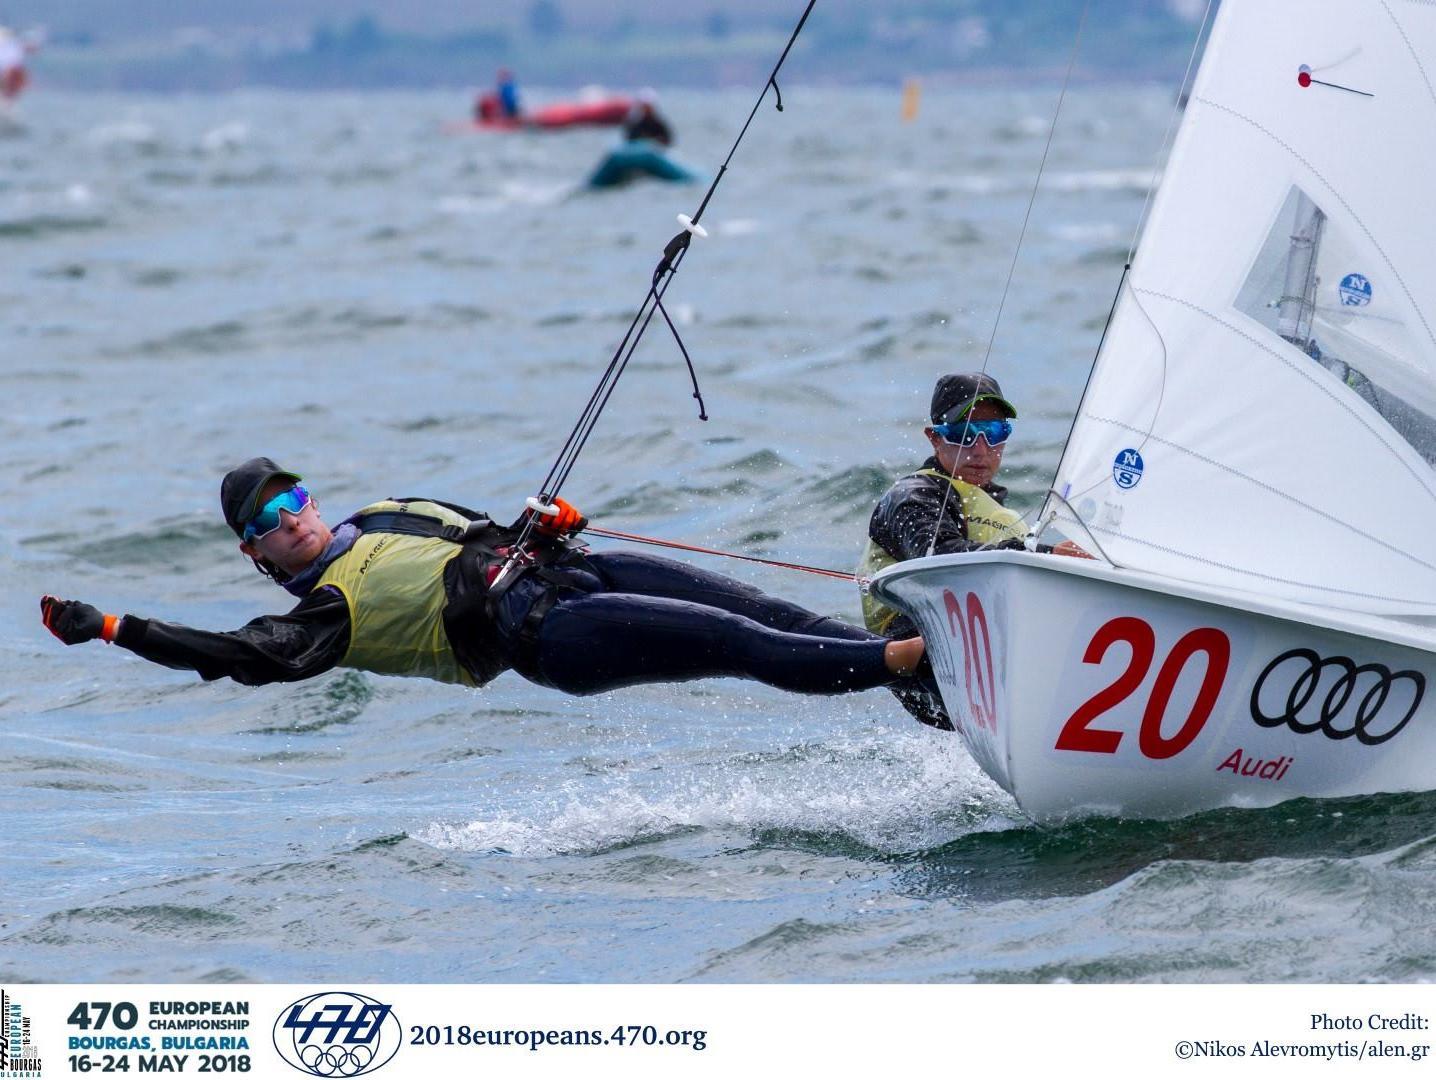 שיט: צמד גברים וצמד נשים ישתתפו בשיוטי המדליות באליפות אירופה